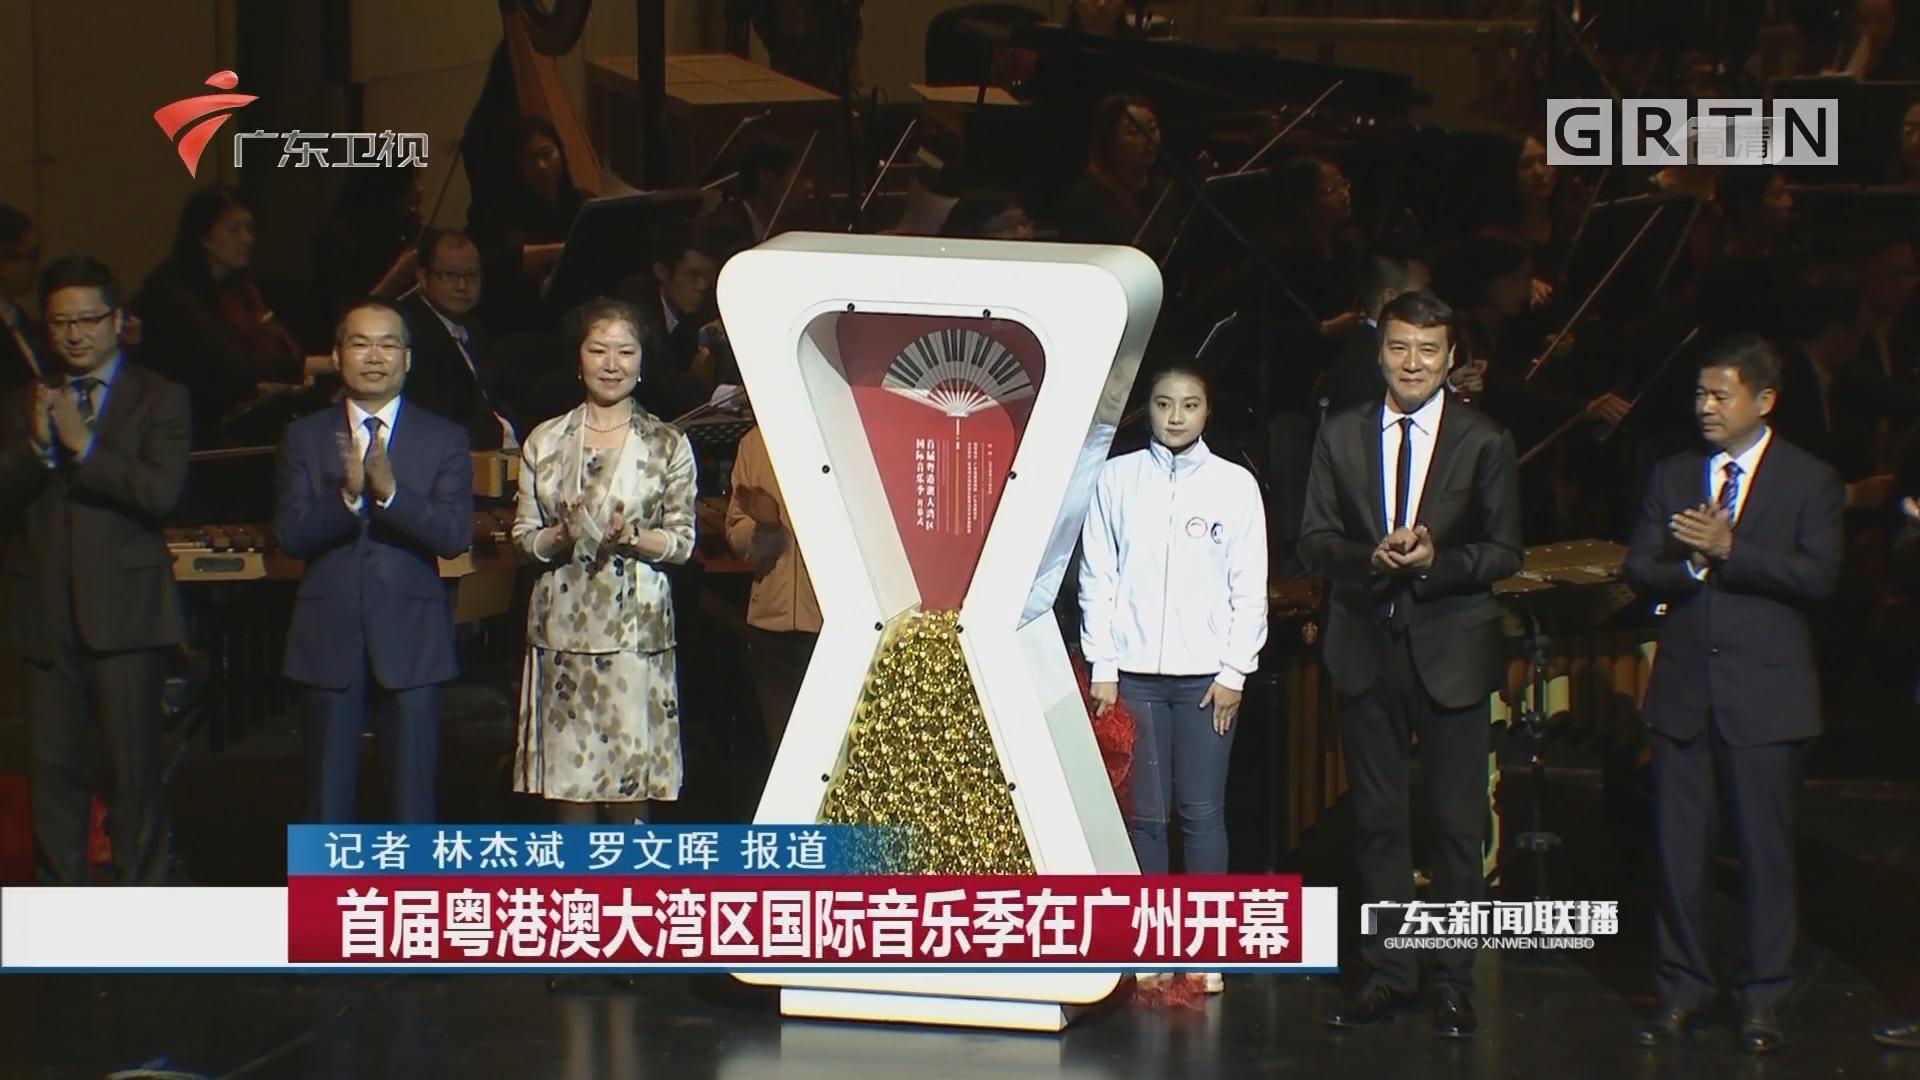 首届粤港澳大湾区国际音乐季在广州开幕